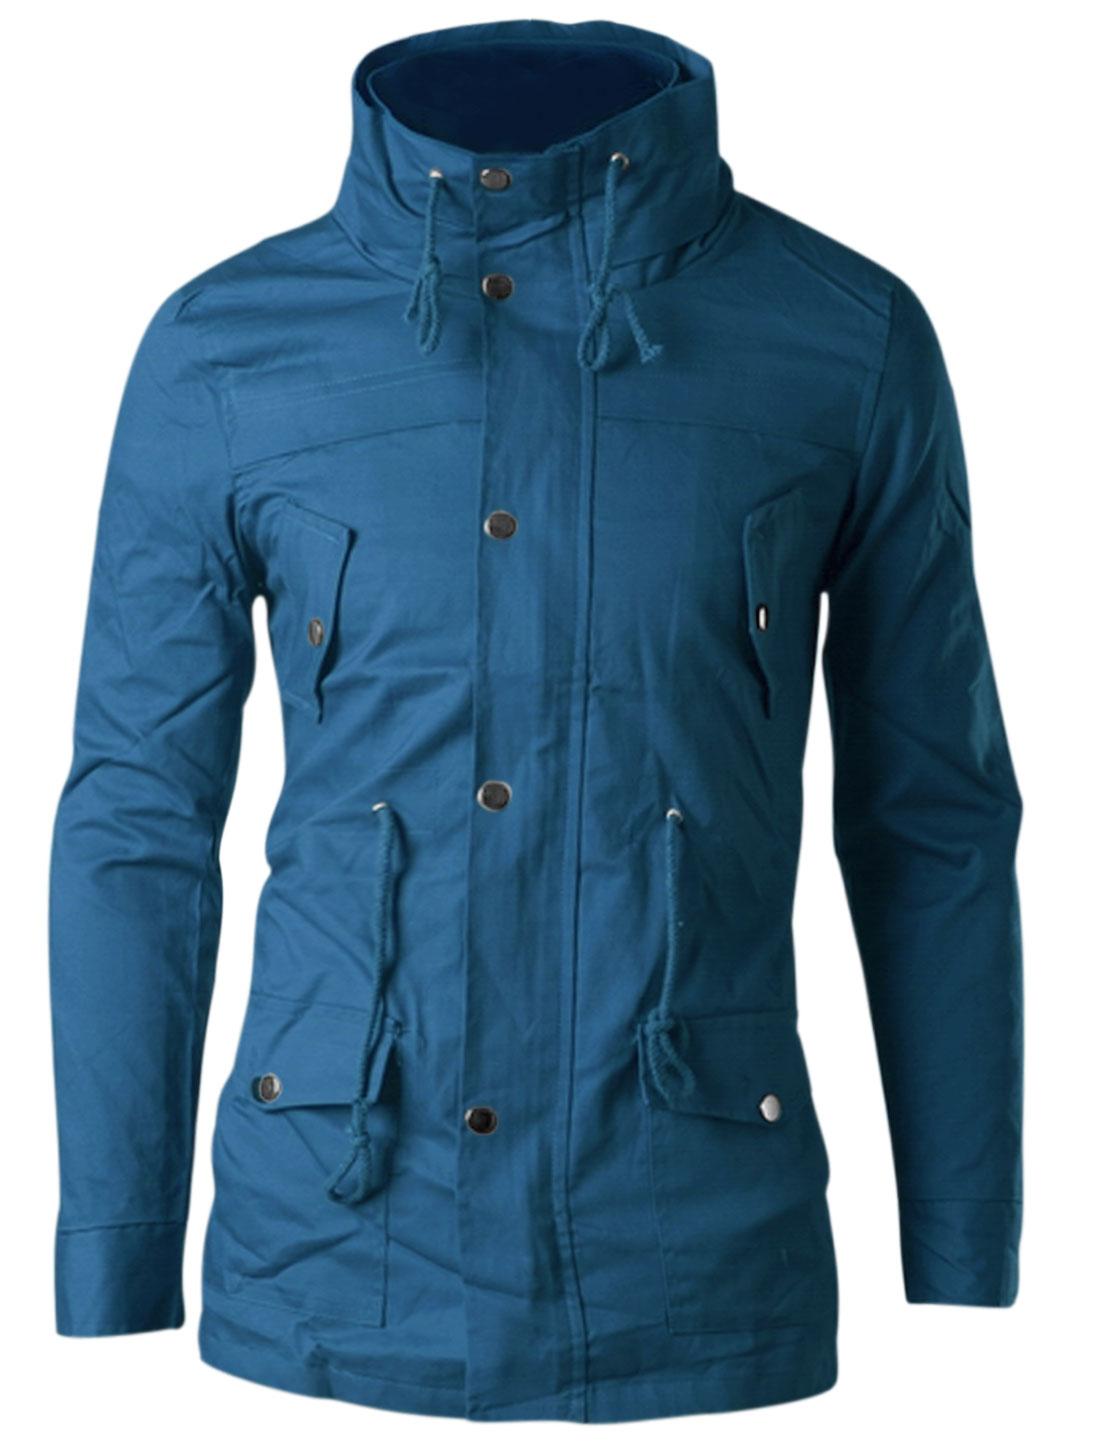 Man Blue Zipper Front Drawstring Waist Button Down Casual Jacket M